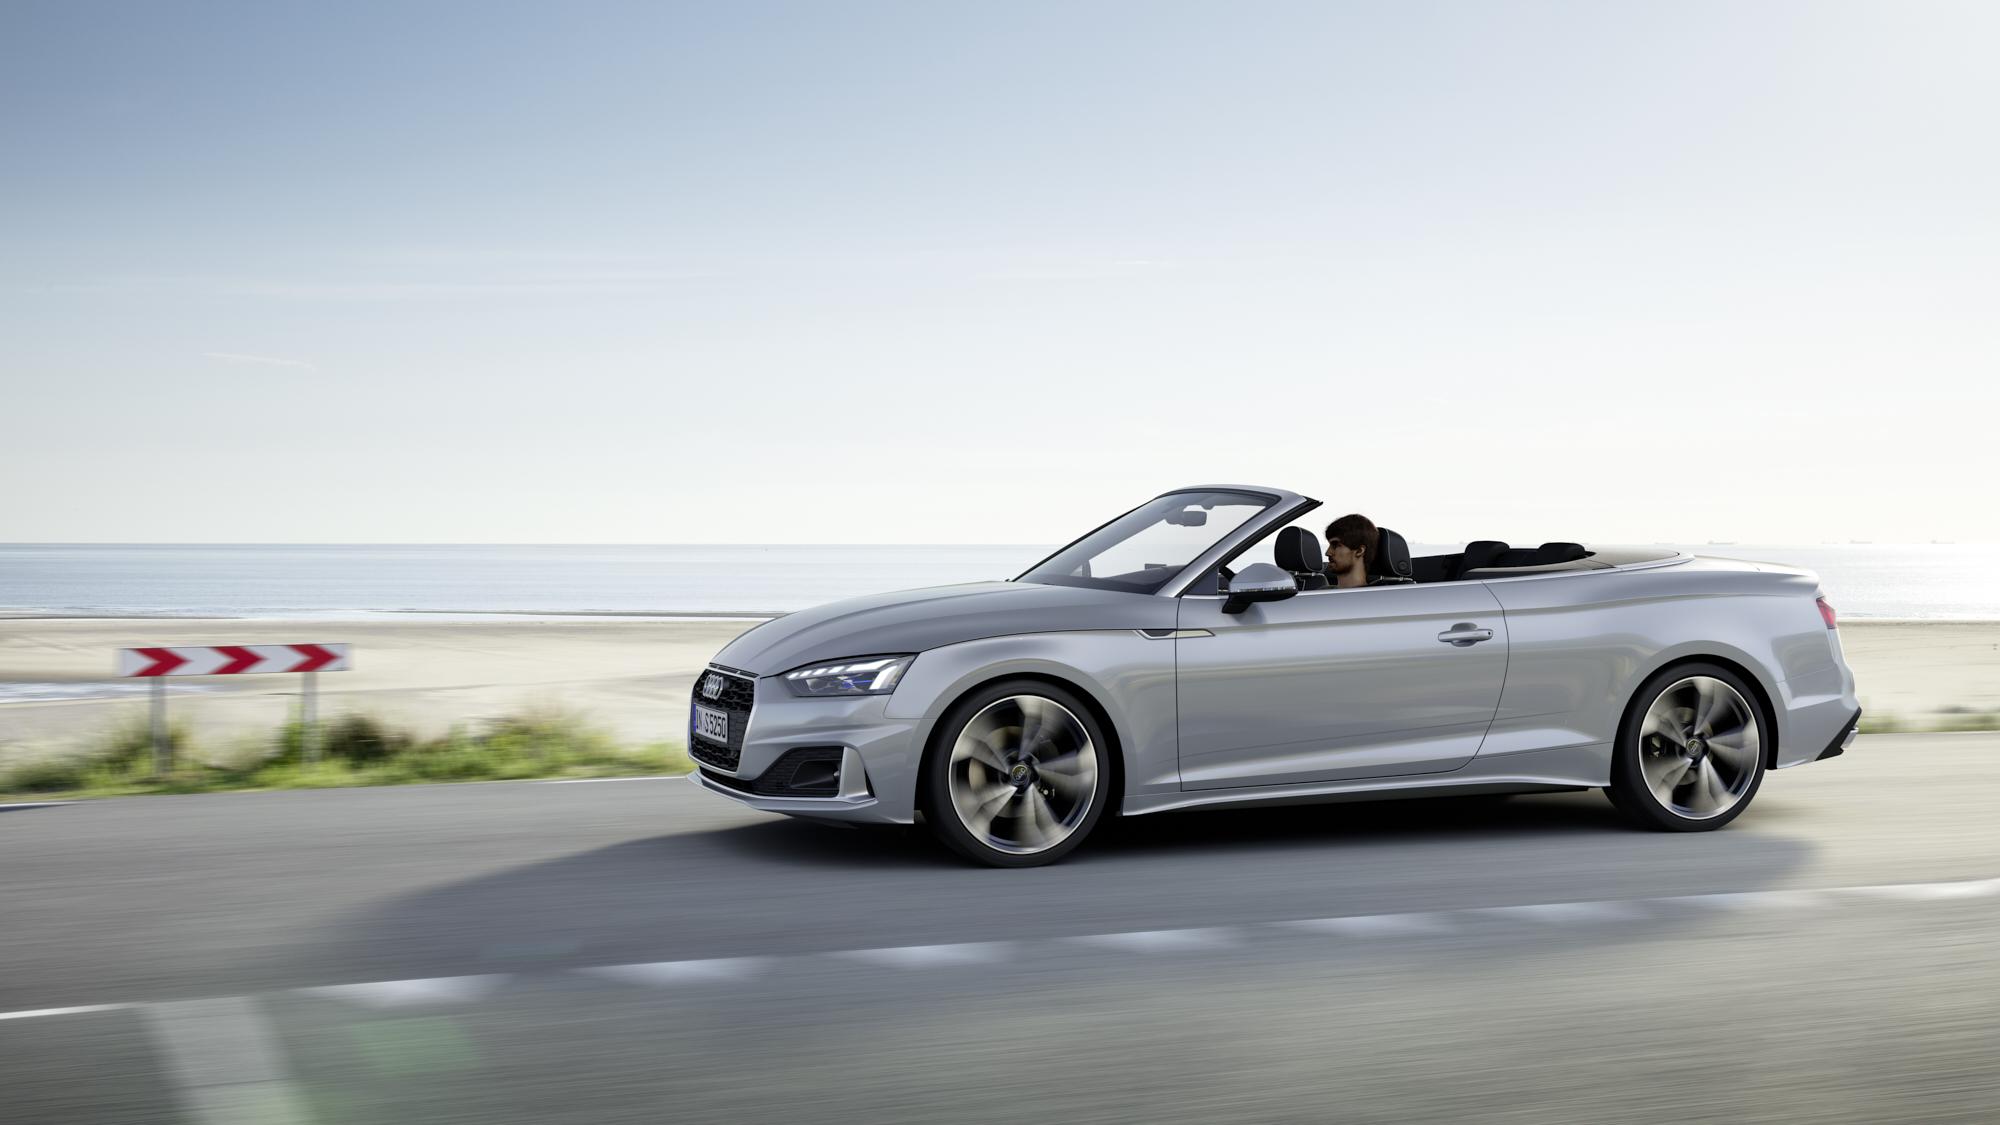 RWink_Audi_A5_Cabrio_Speed_006_B2200